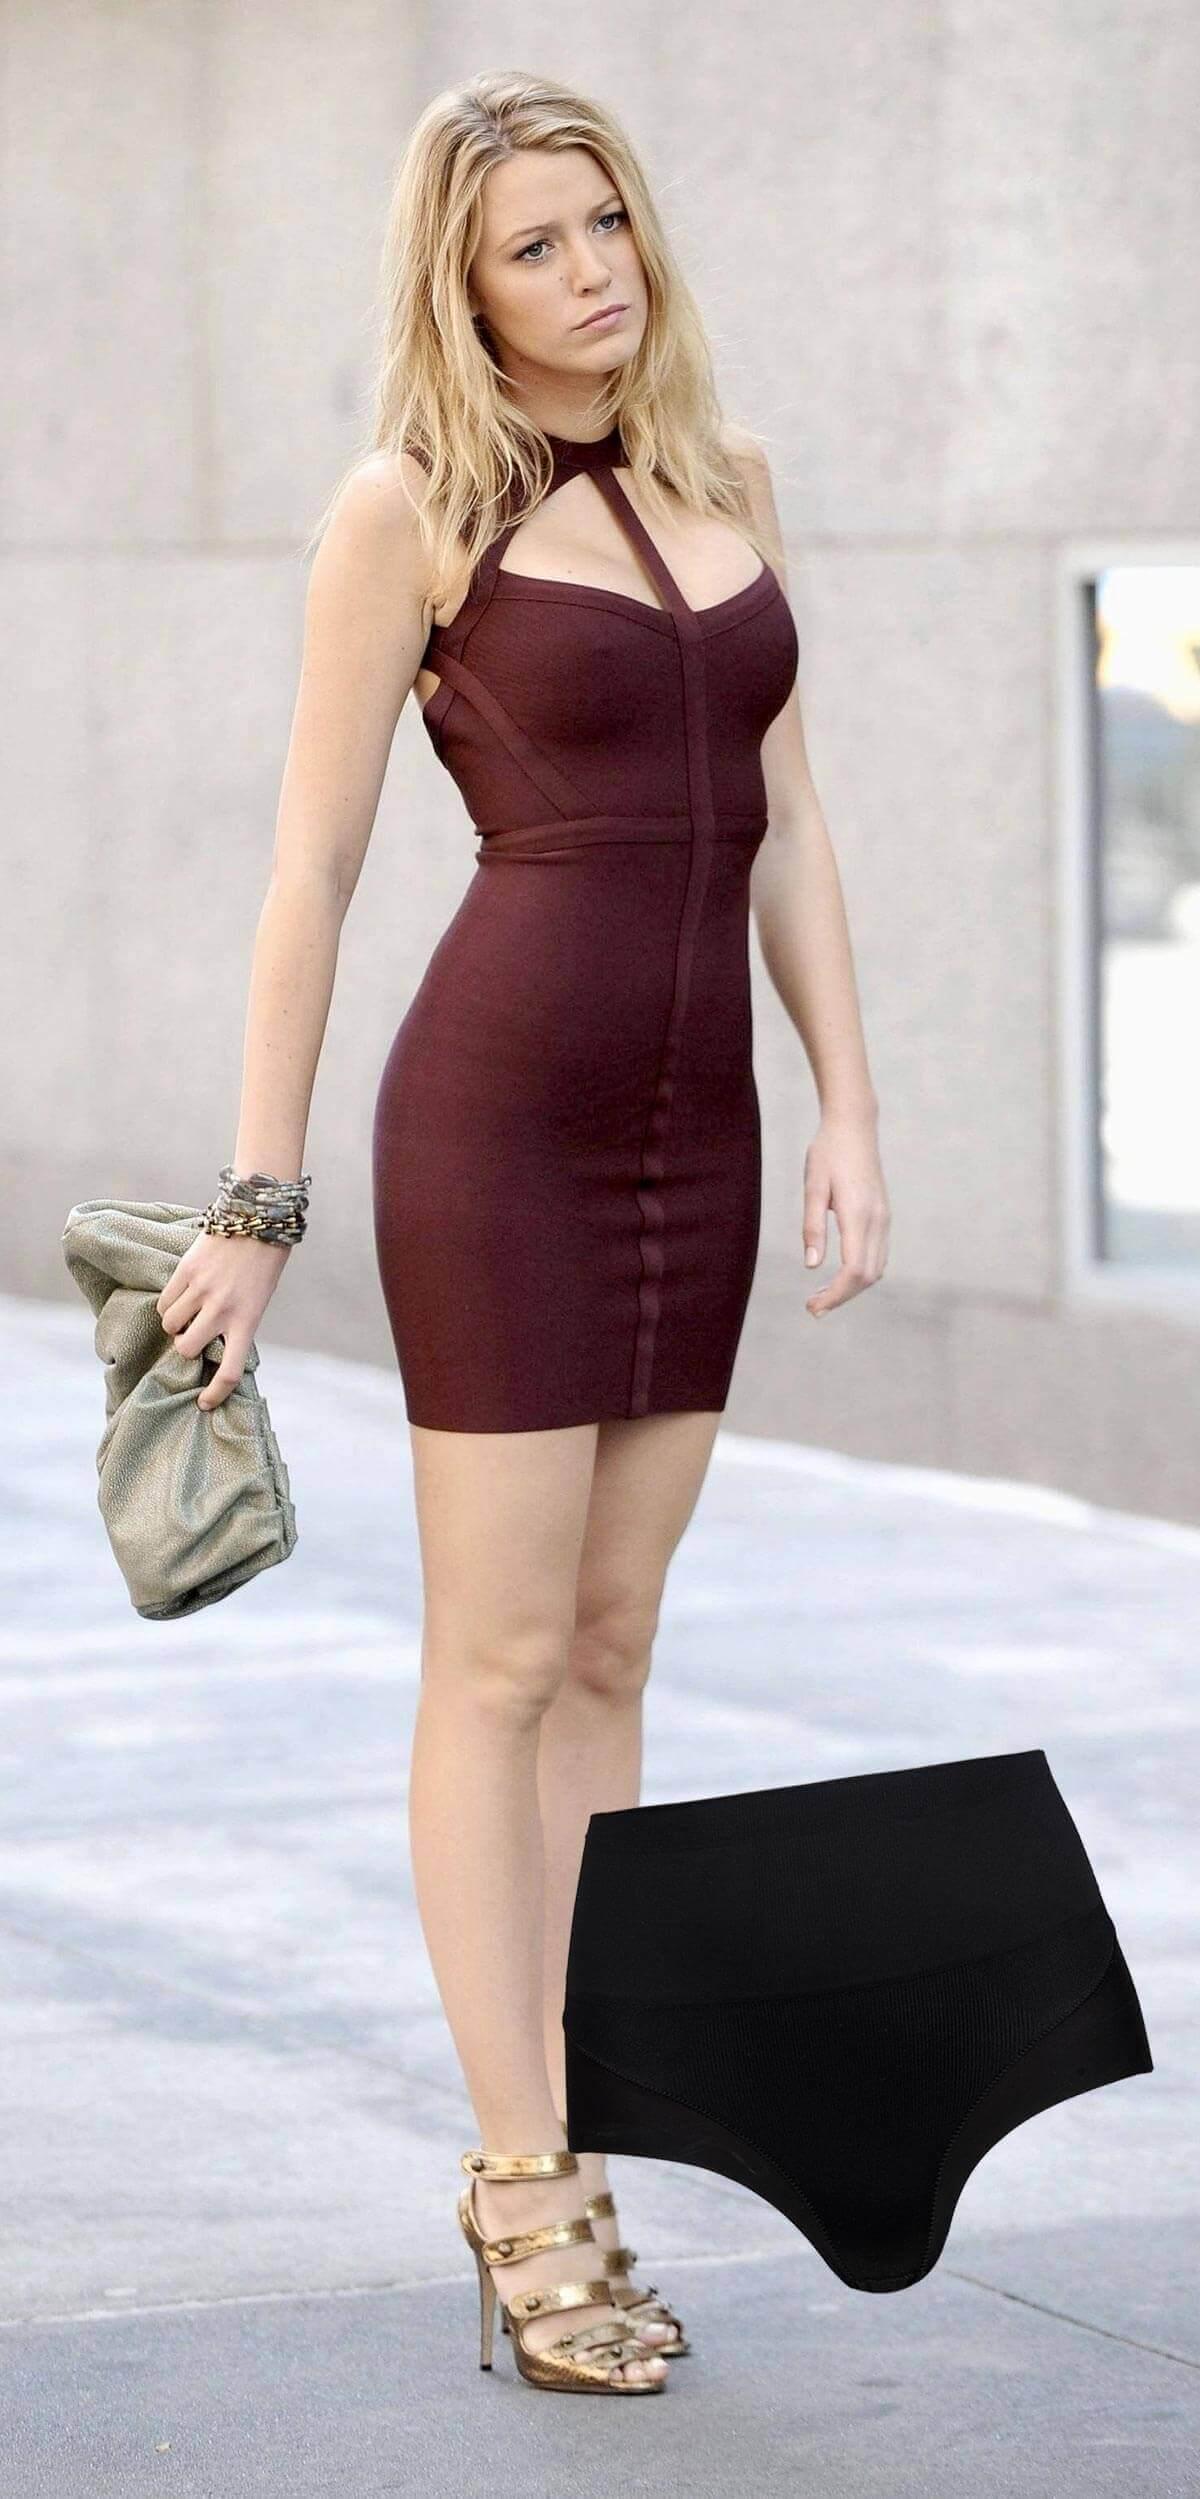 Vestido colado: calcinha modeladora